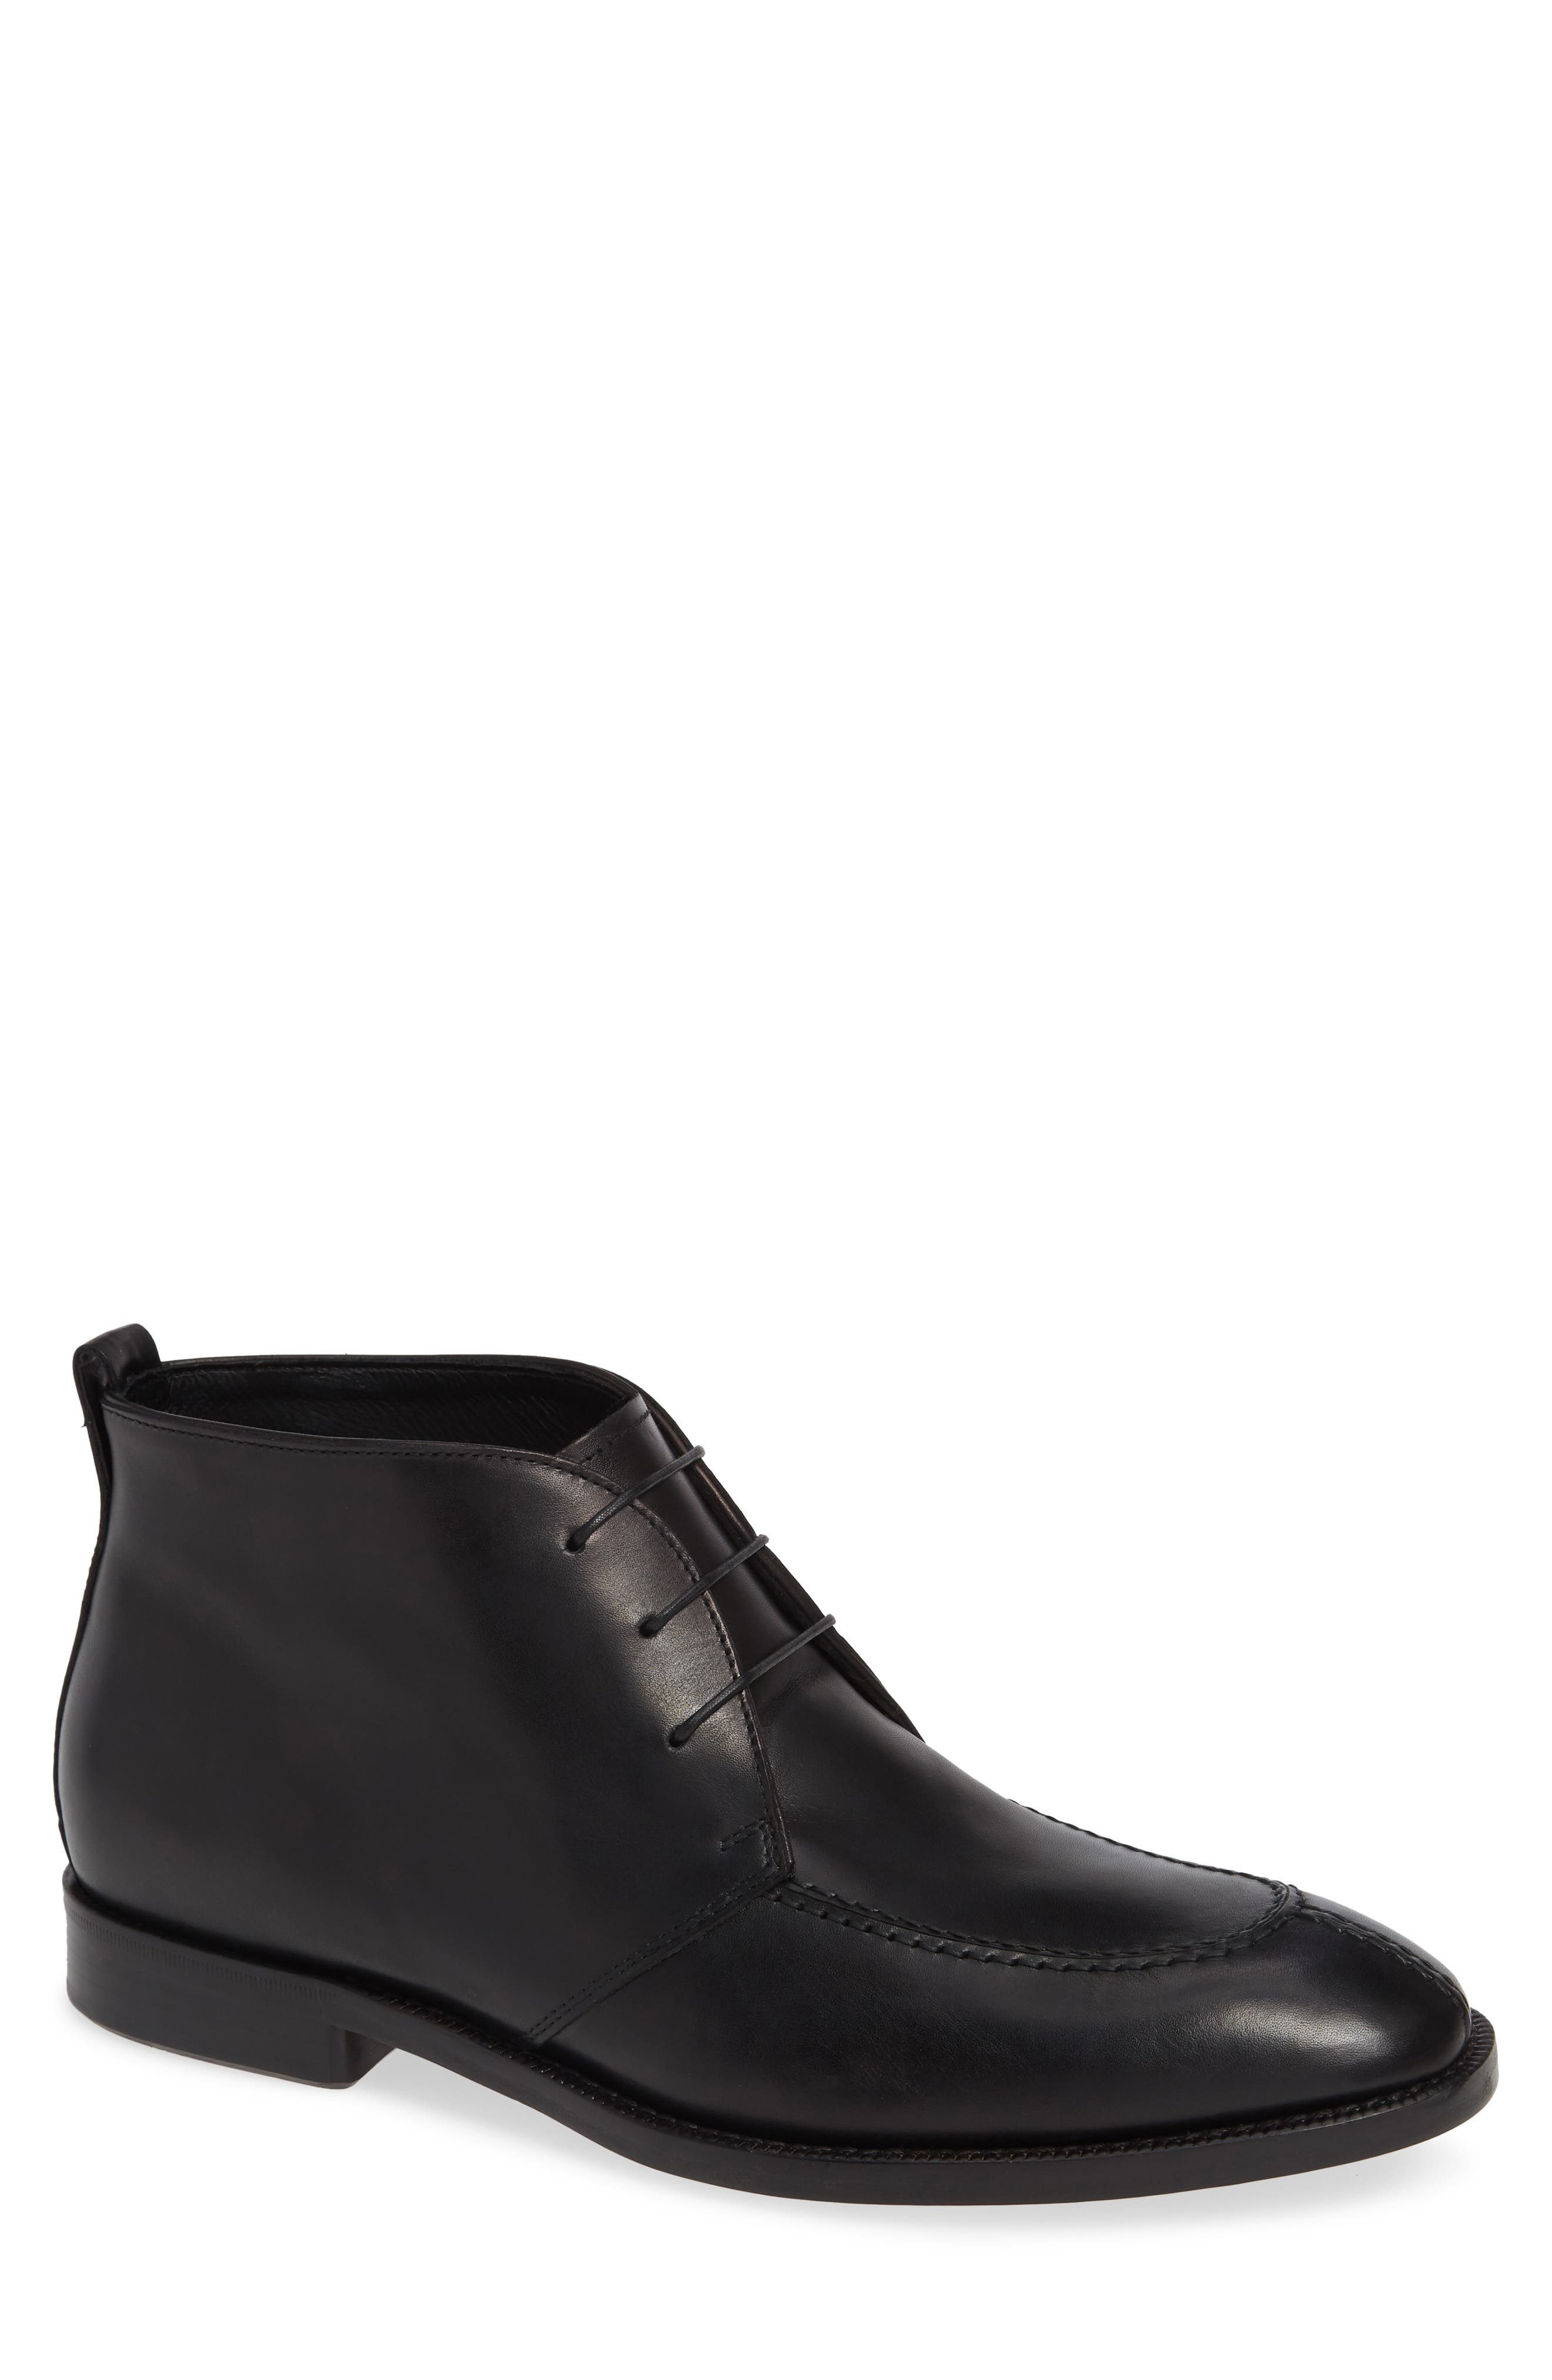 Allen Edmonds Rafael Chukka Boot EEE - Black